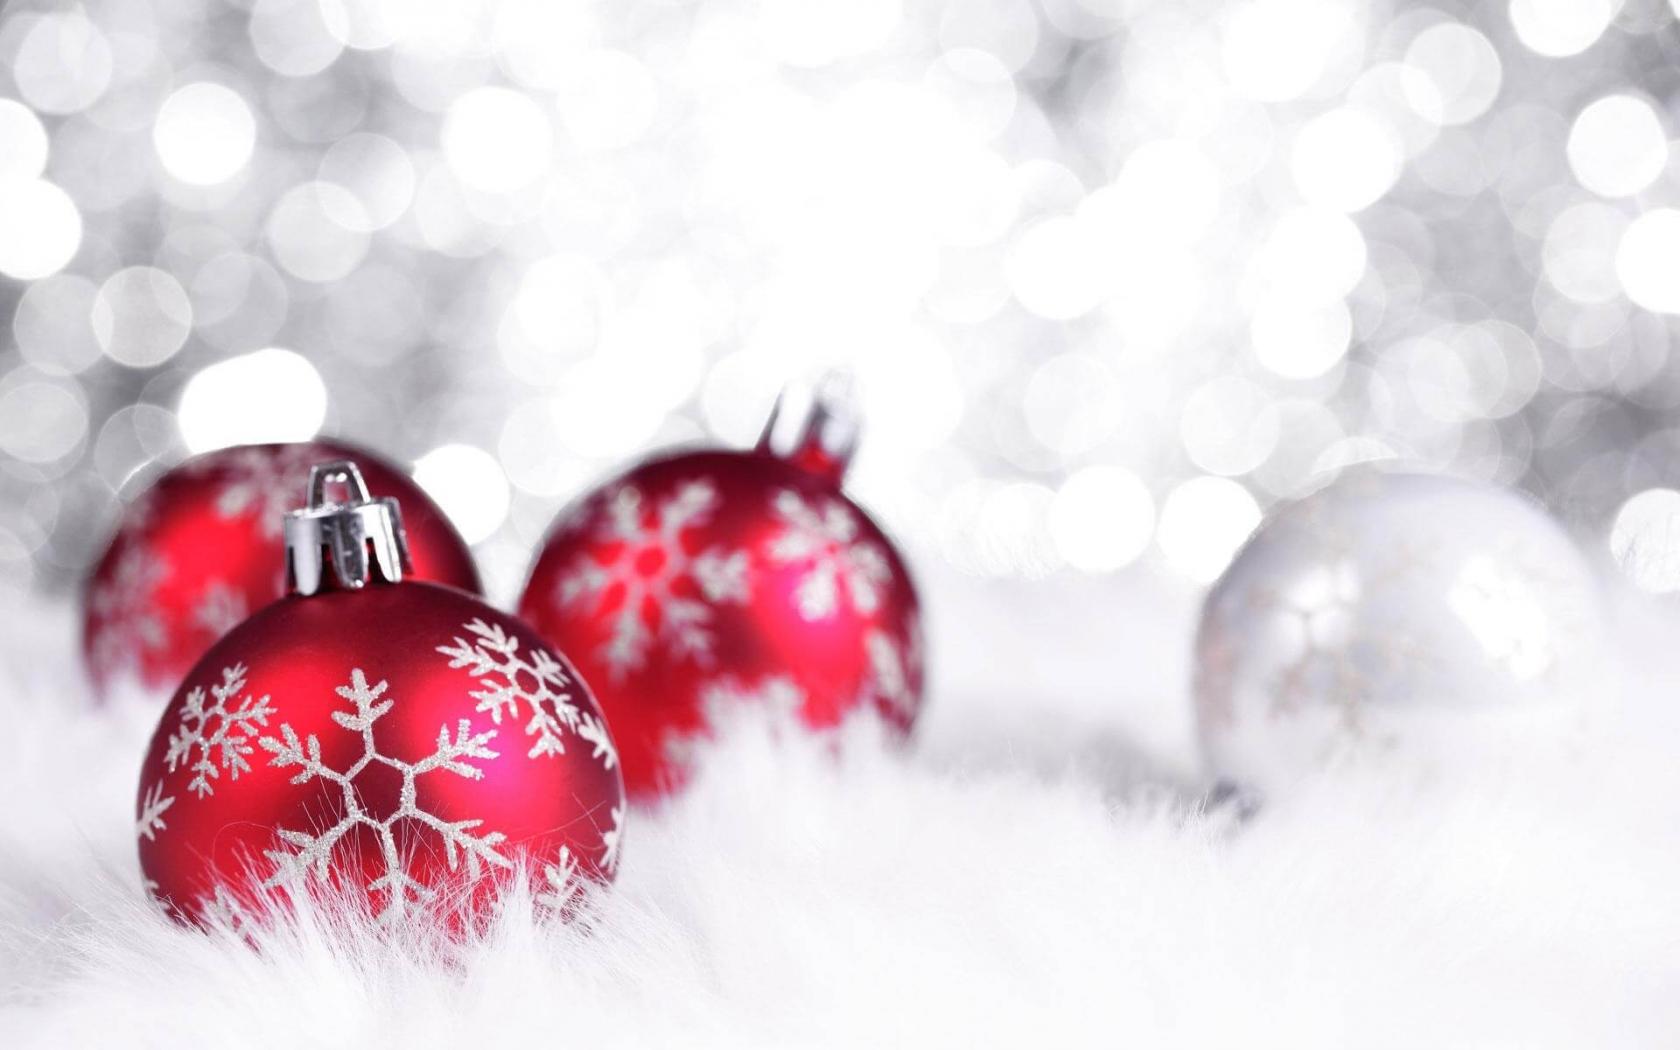 Открытки клиентам с новым годом, декупаж